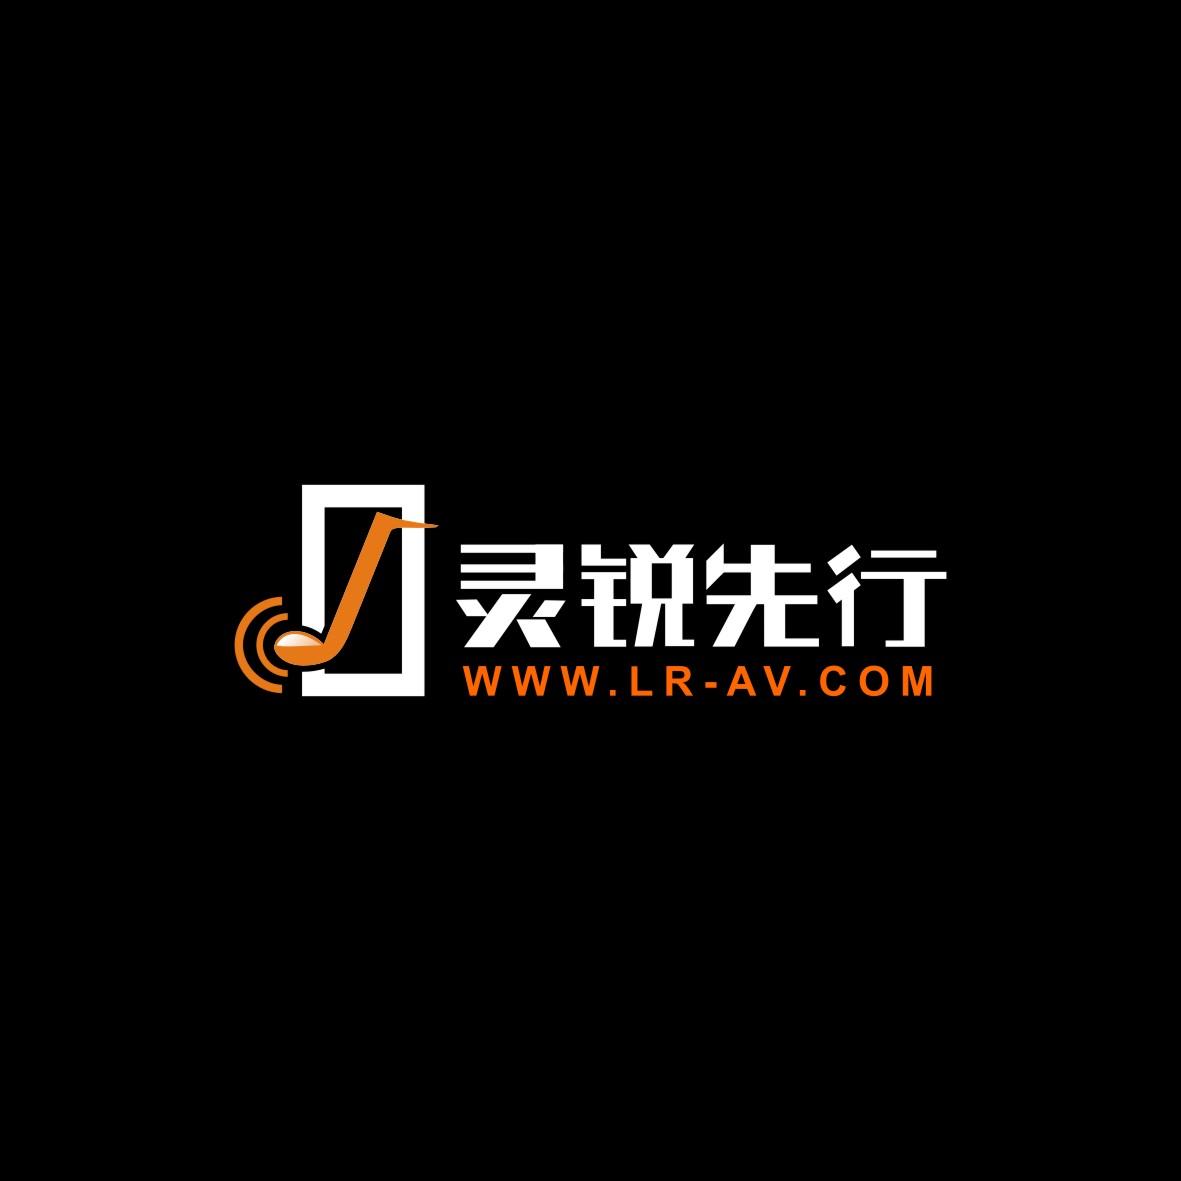 武汉灵锐先行文化传播有限公司